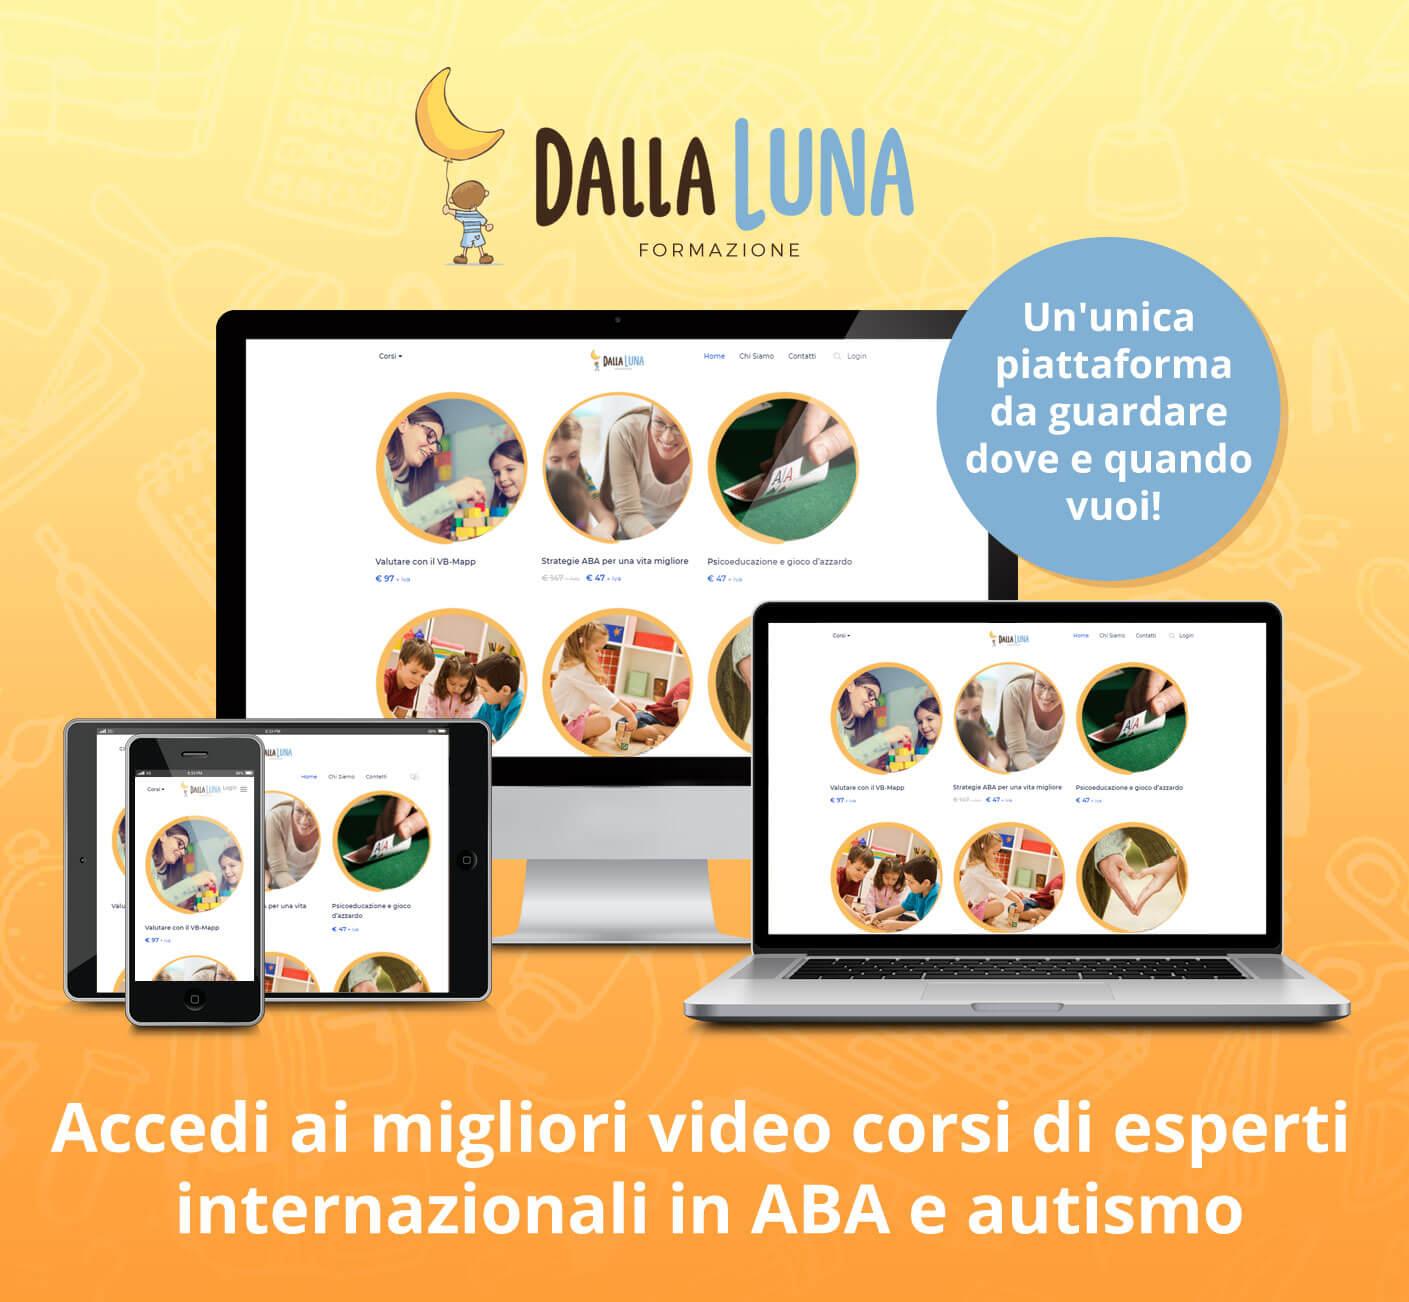 unica-piattaforma-video-corsi-esperti-di-ABA-e-autismo-DallaLuna-Formazione